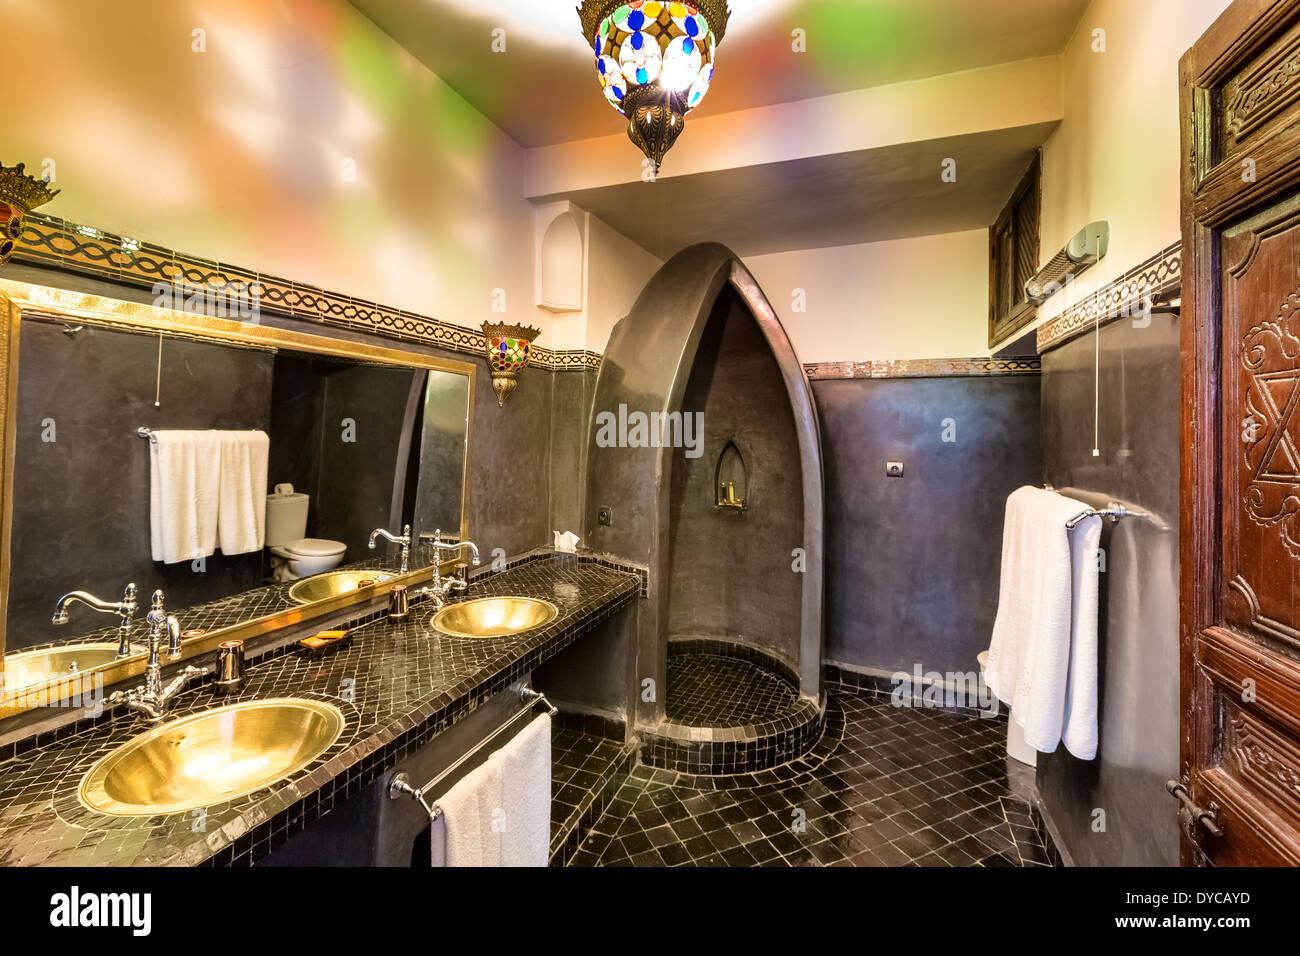 Marokkanischen Stil Badezimmer in Marrakesch, Marokko, Afrika